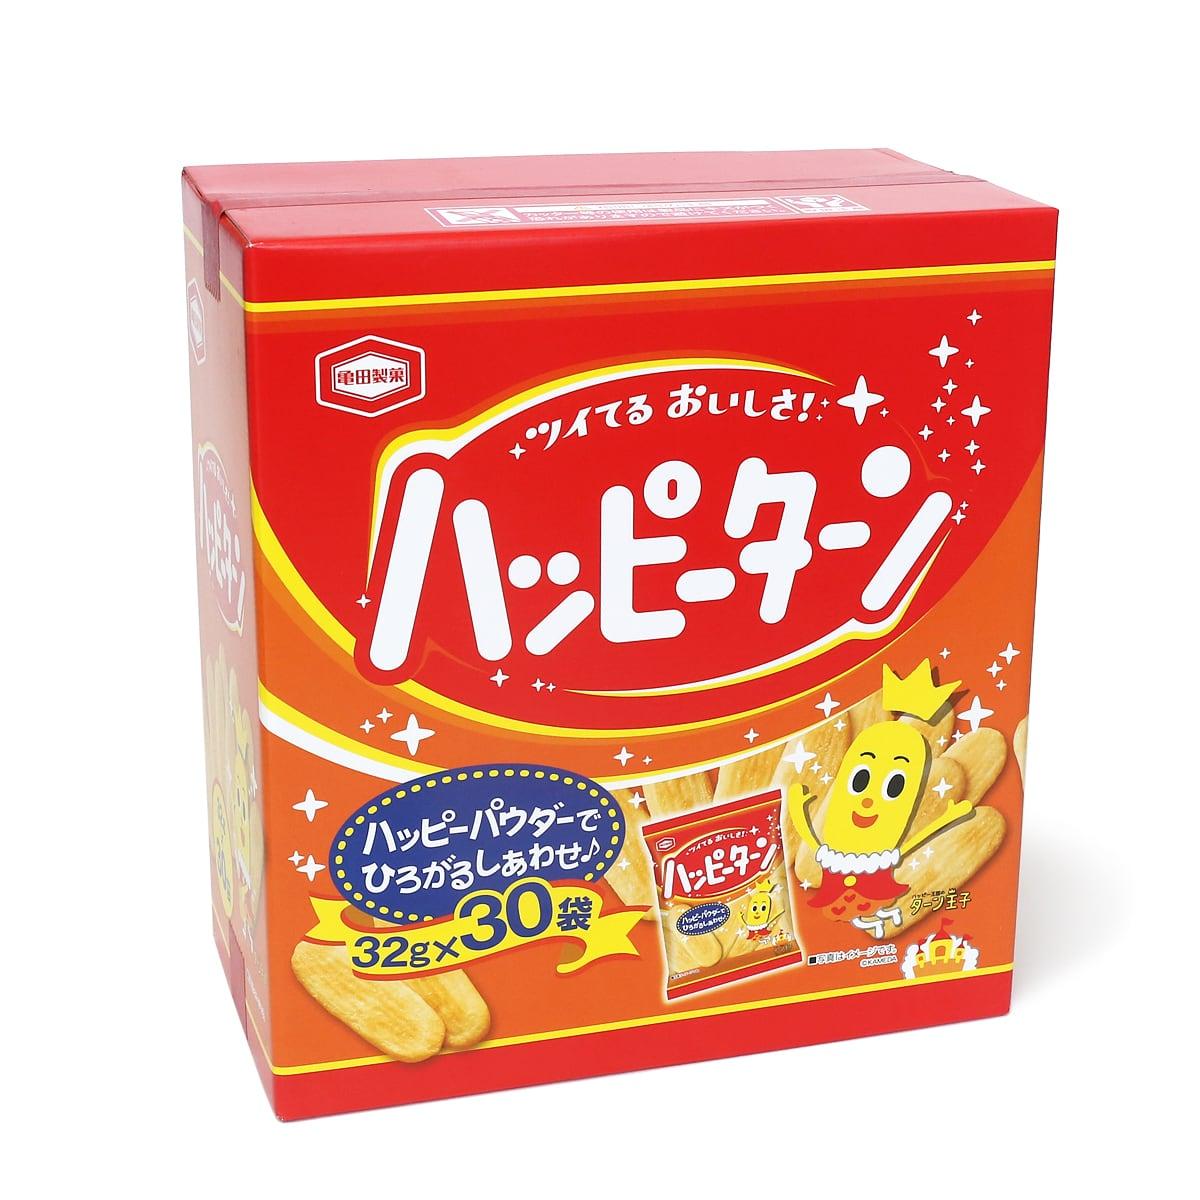 亀田製菓 ハッピーターン 大容量パック